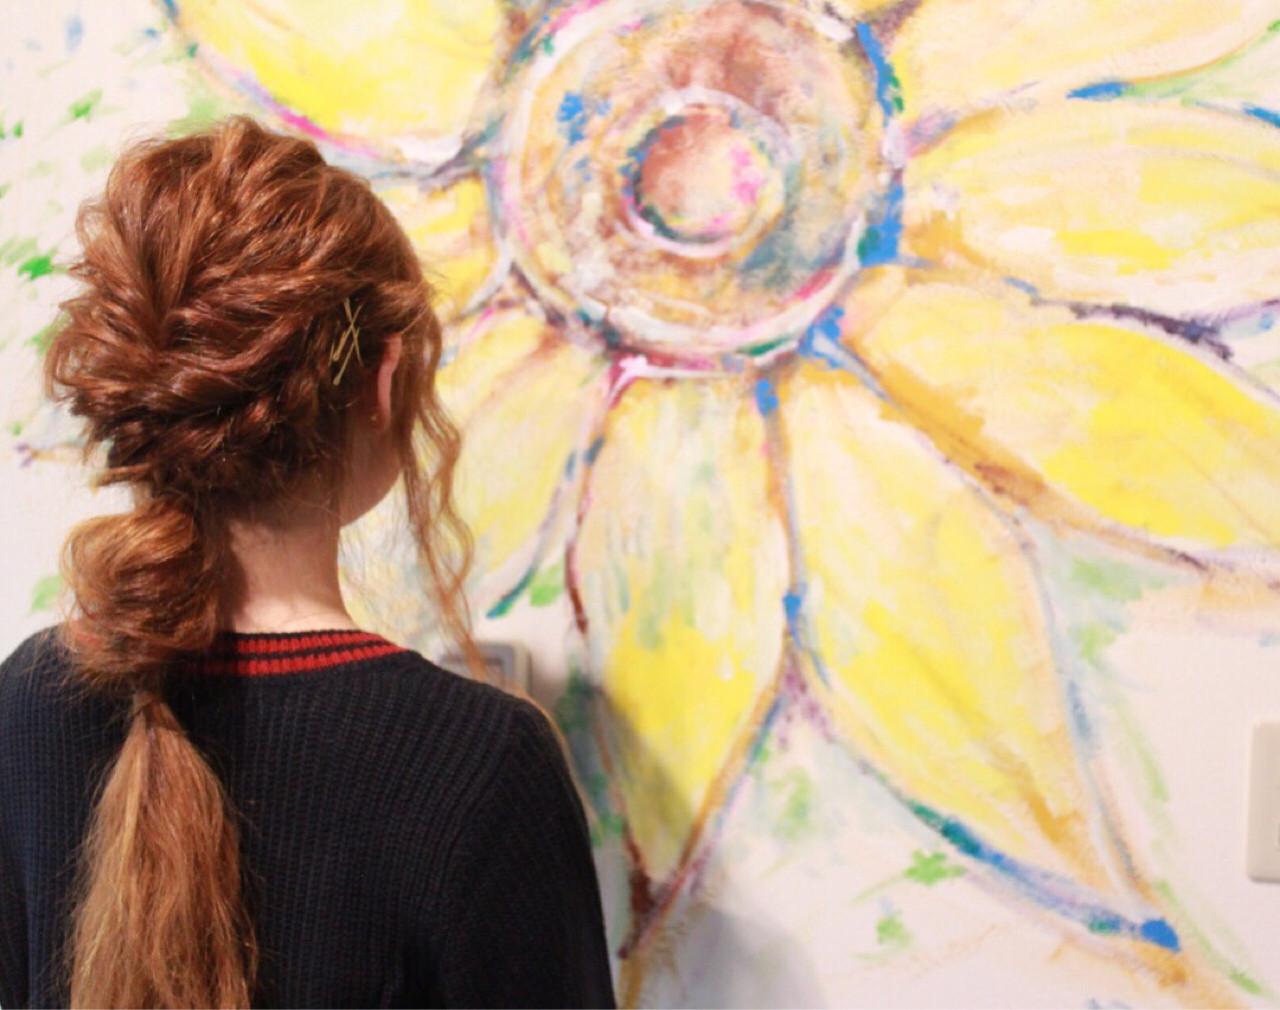 波ウェーブ ショート フェミニン 簡単ヘアアレンジ ヘアスタイルや髪型の写真・画像 | 馬渡 次郎 / corsair